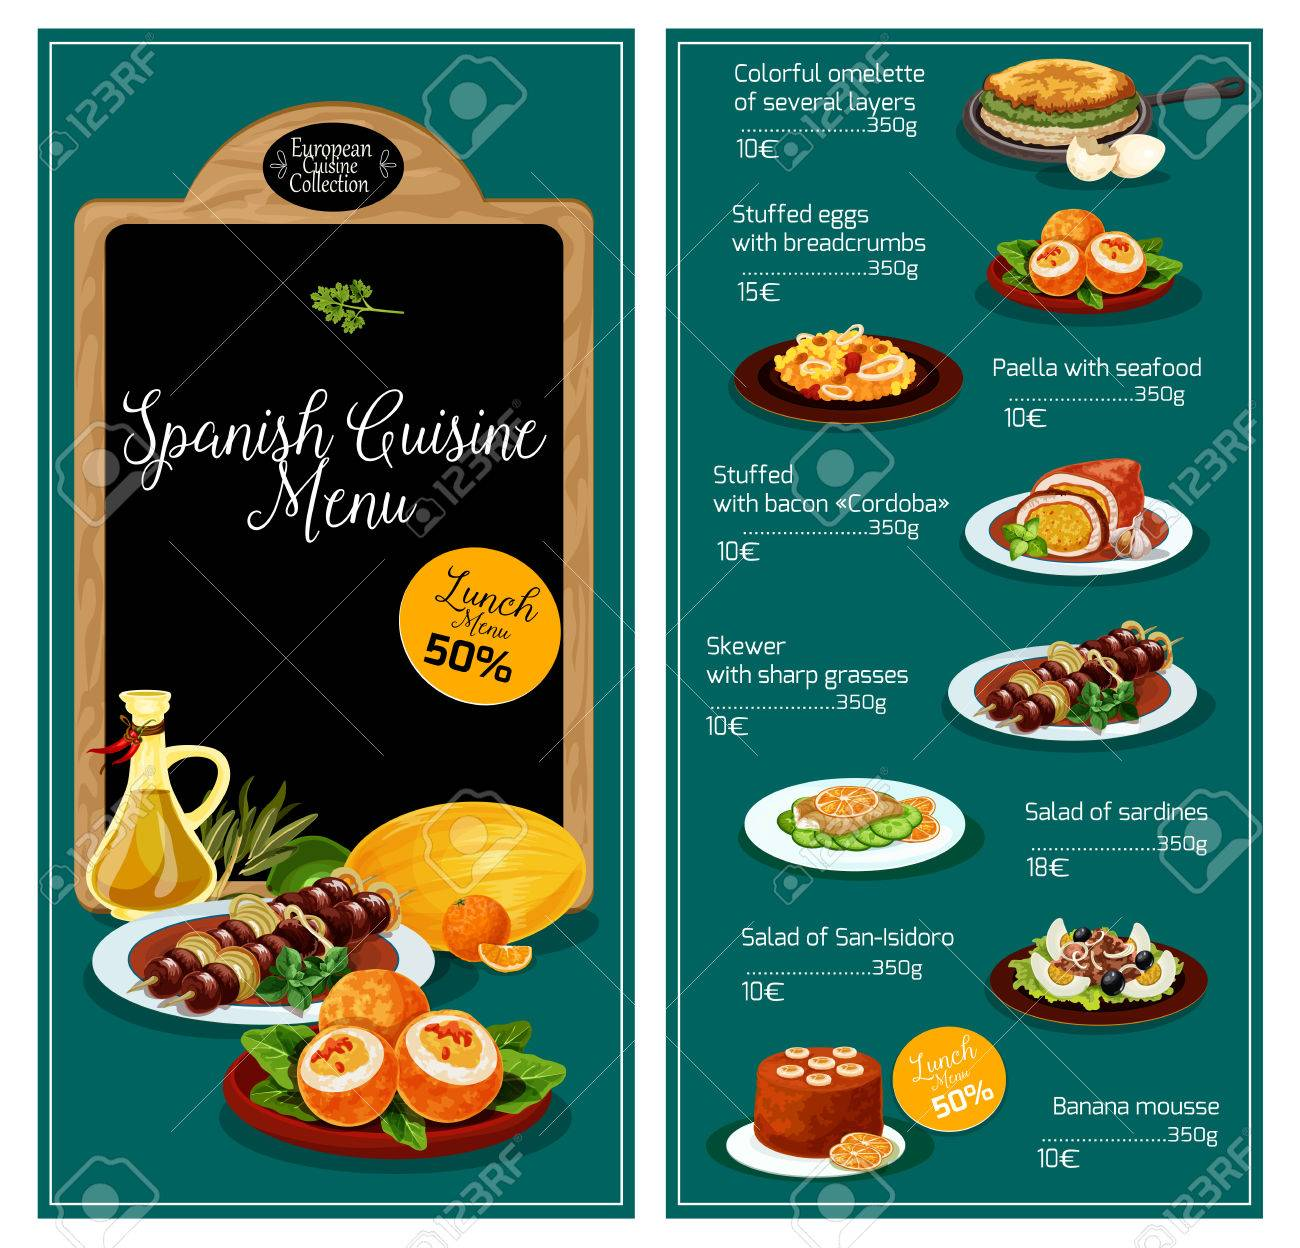 Vektor-Menü Für Spanische Küche Restaurant Lizenzfrei Nutzbare ...